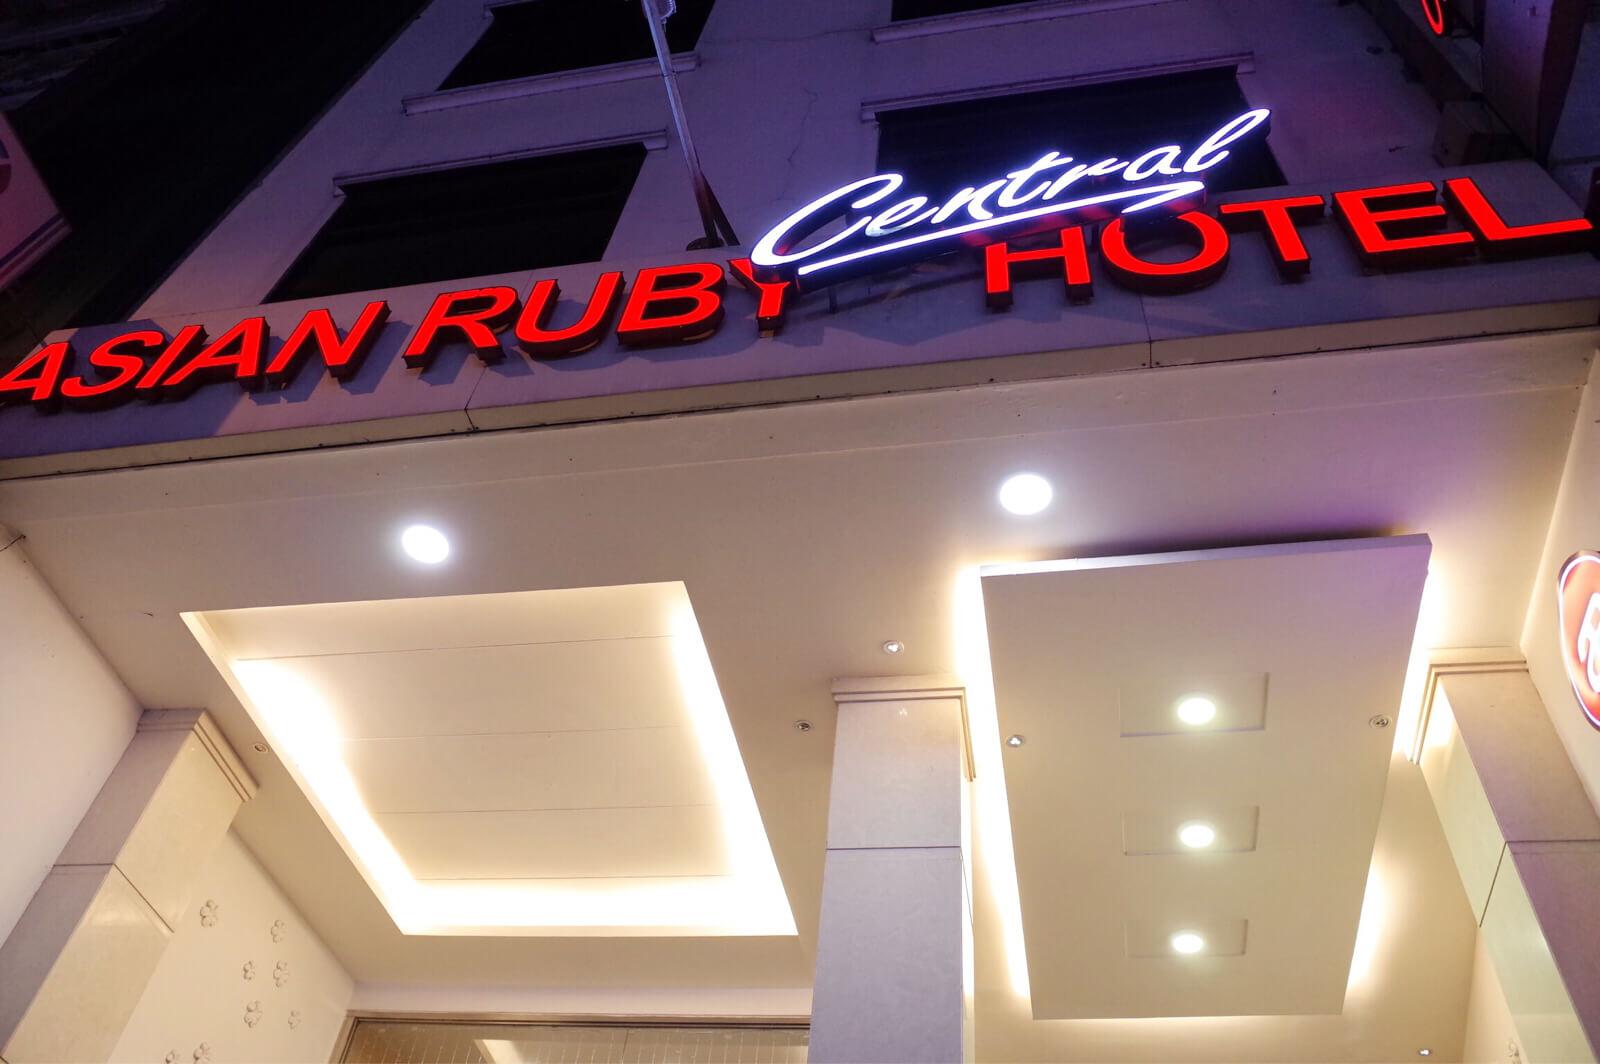 アジアンルビーセントラルホテル【口コミ】ホーチミン ベンタイン市場近く。格安、清潔でオススメ